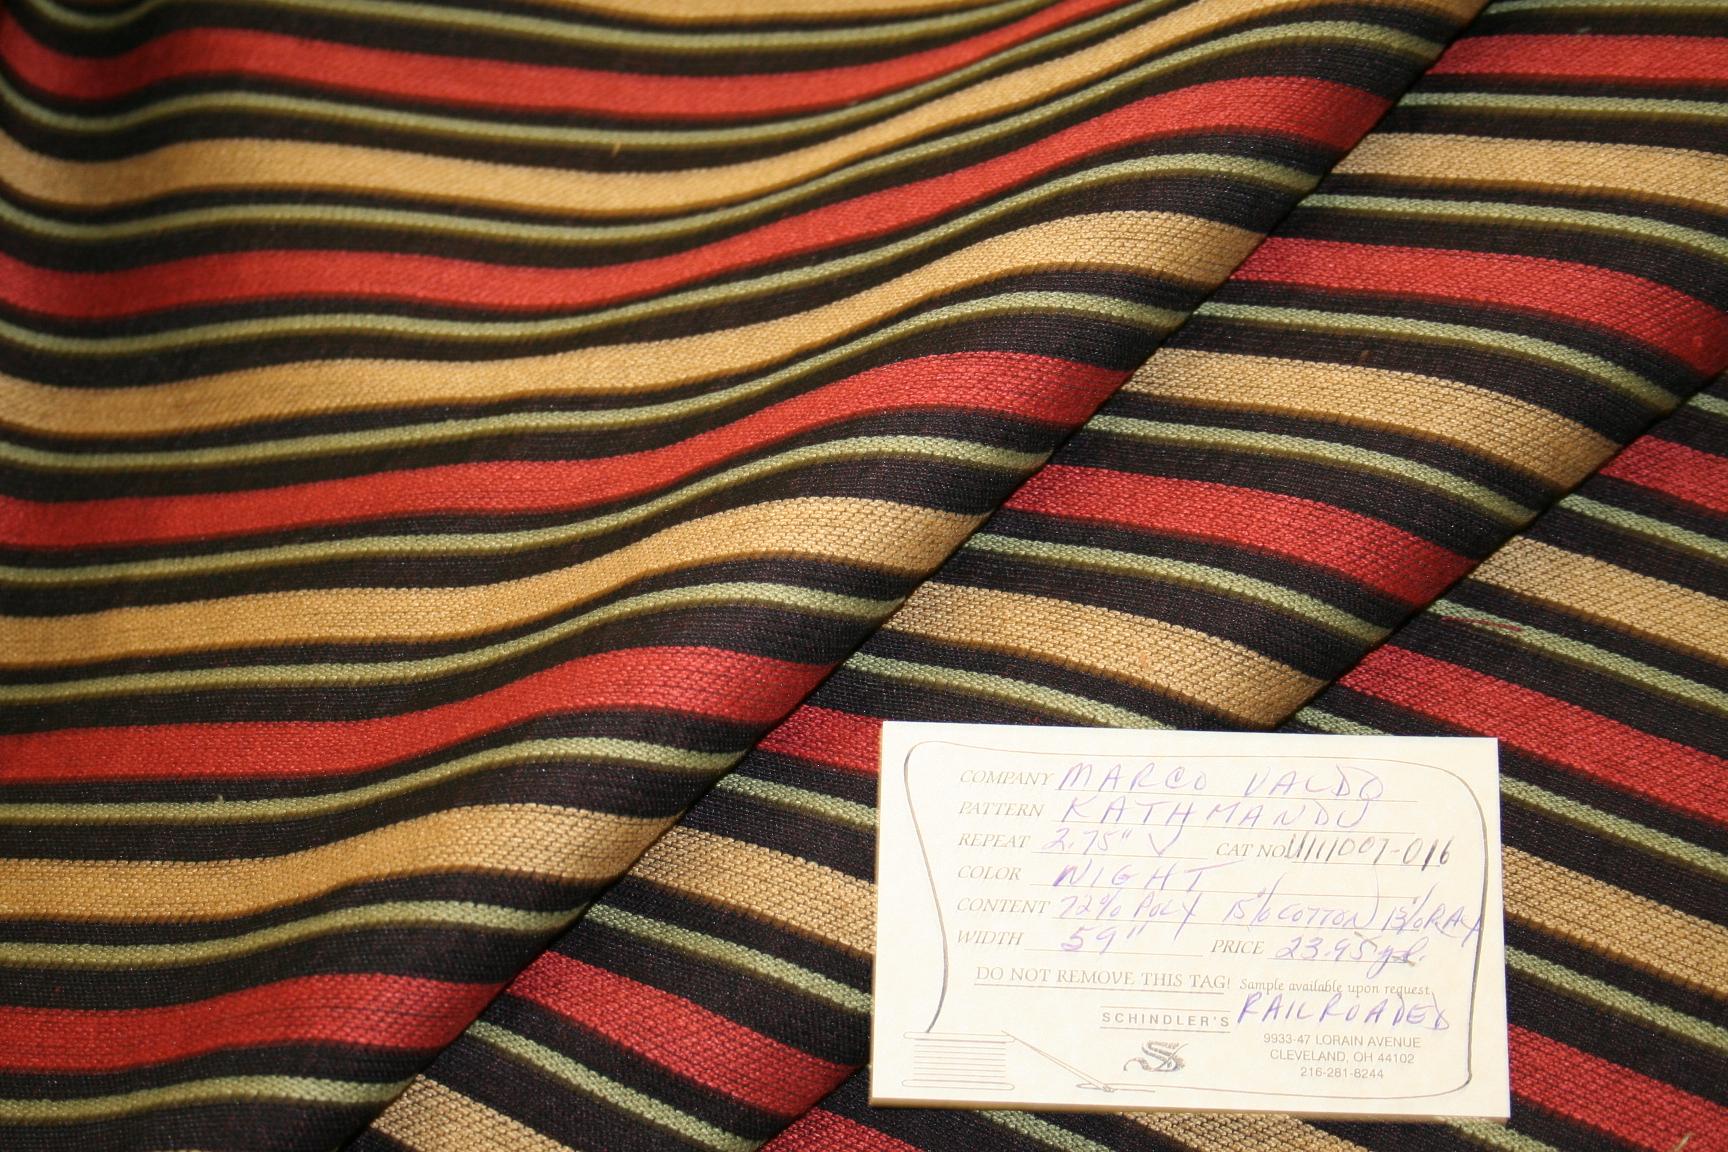 Robert Allen Home Decor Fabric